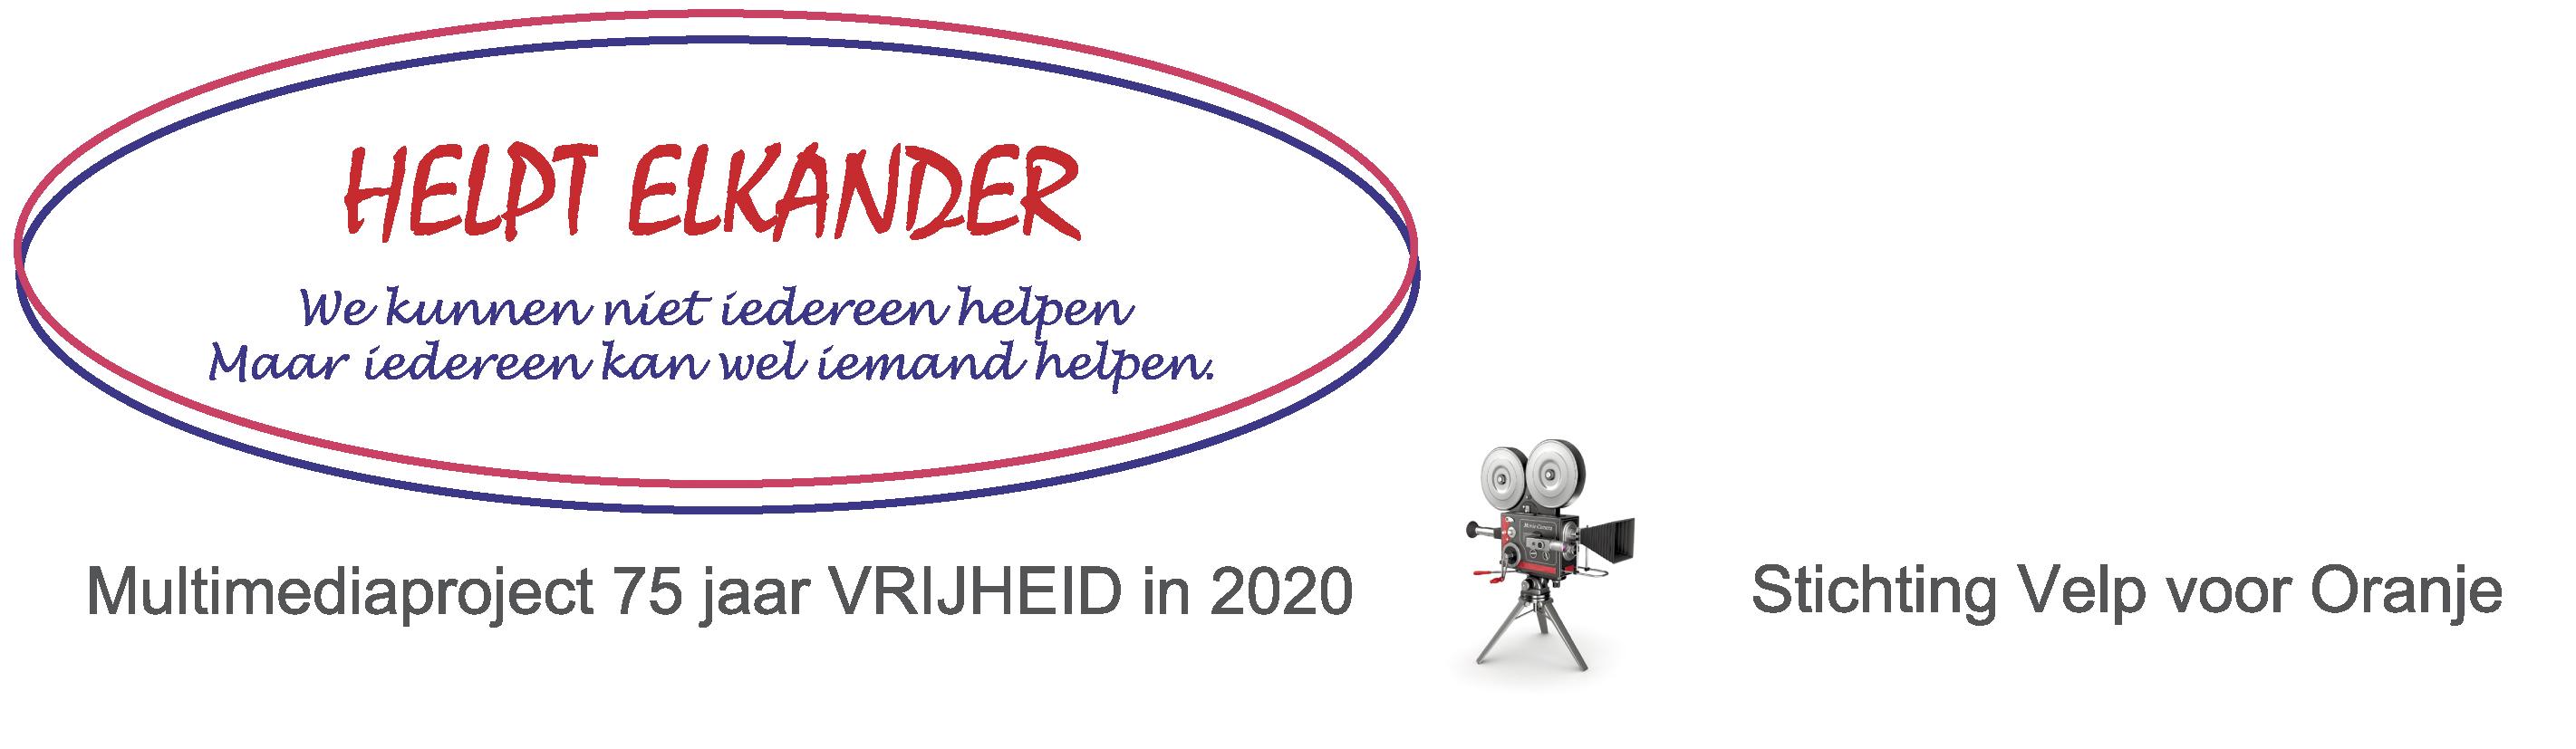 Briefhoofd Helpt Elkander - Stichting Velp voor Oranje